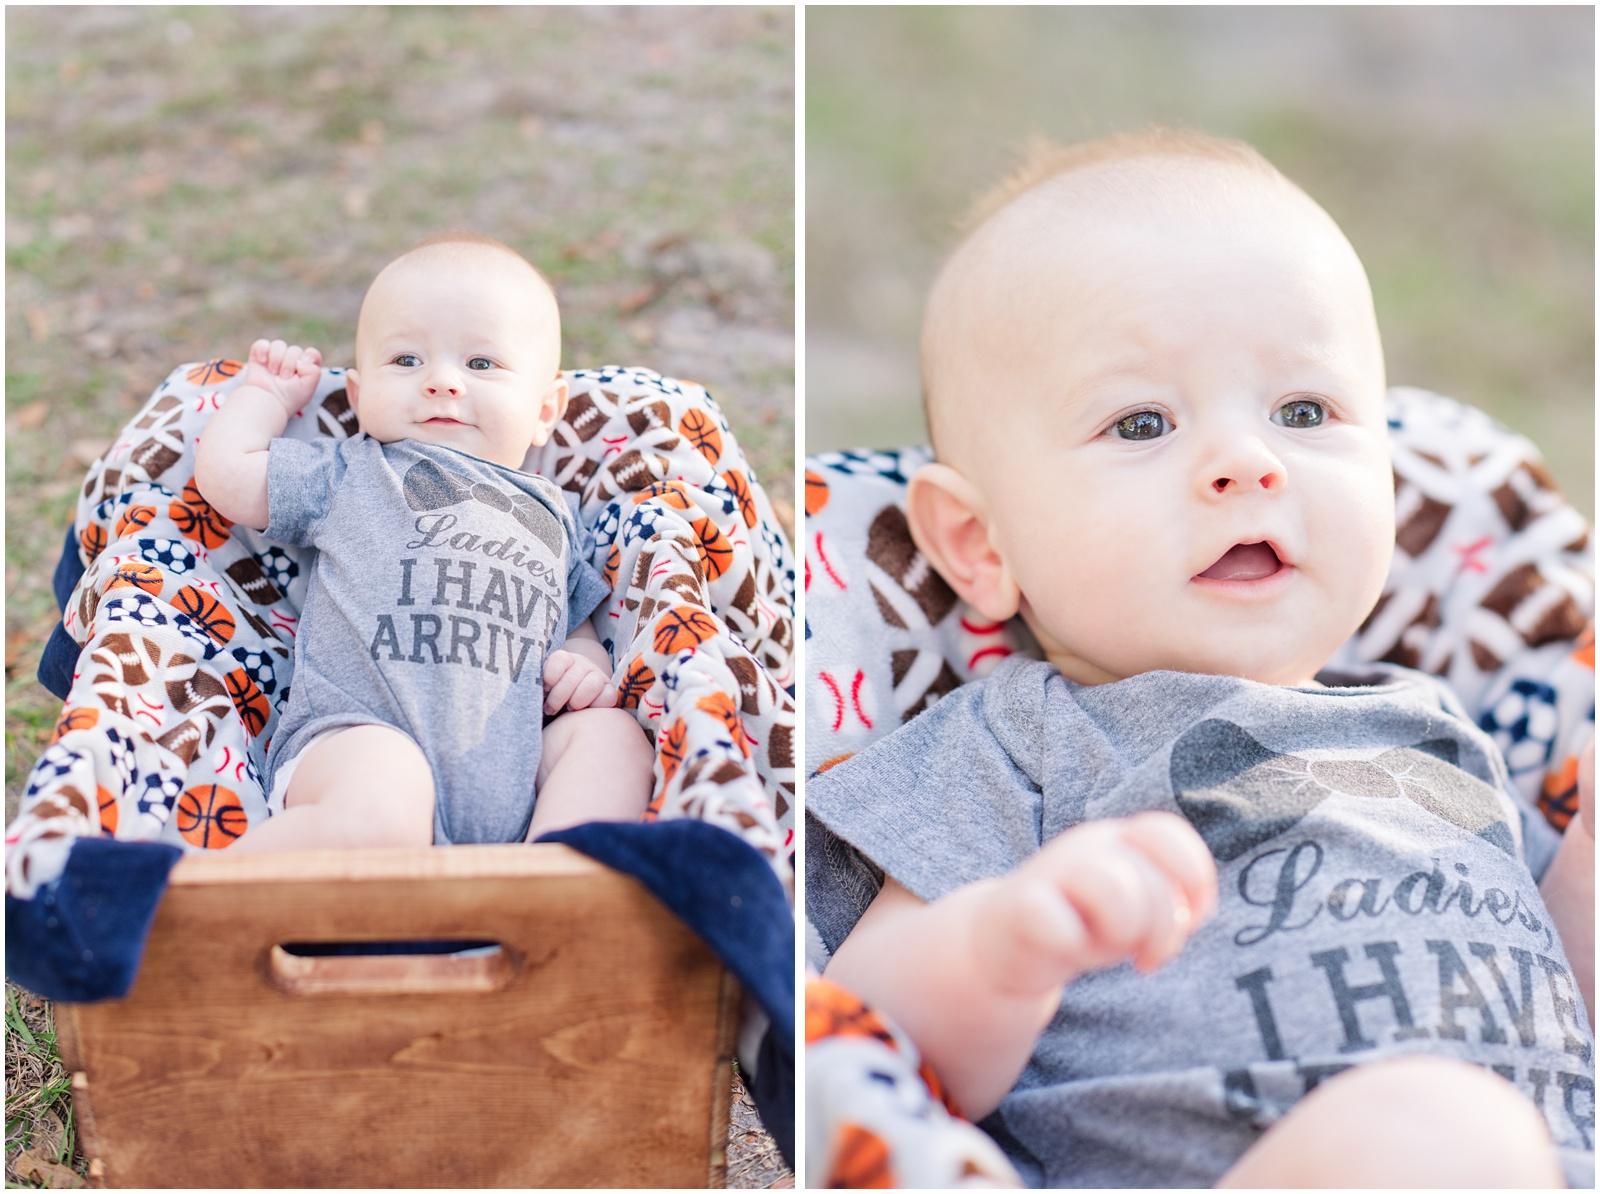 Newborn_Portraits_3 Months_Baby_Alpine Groves Park_10.jpg